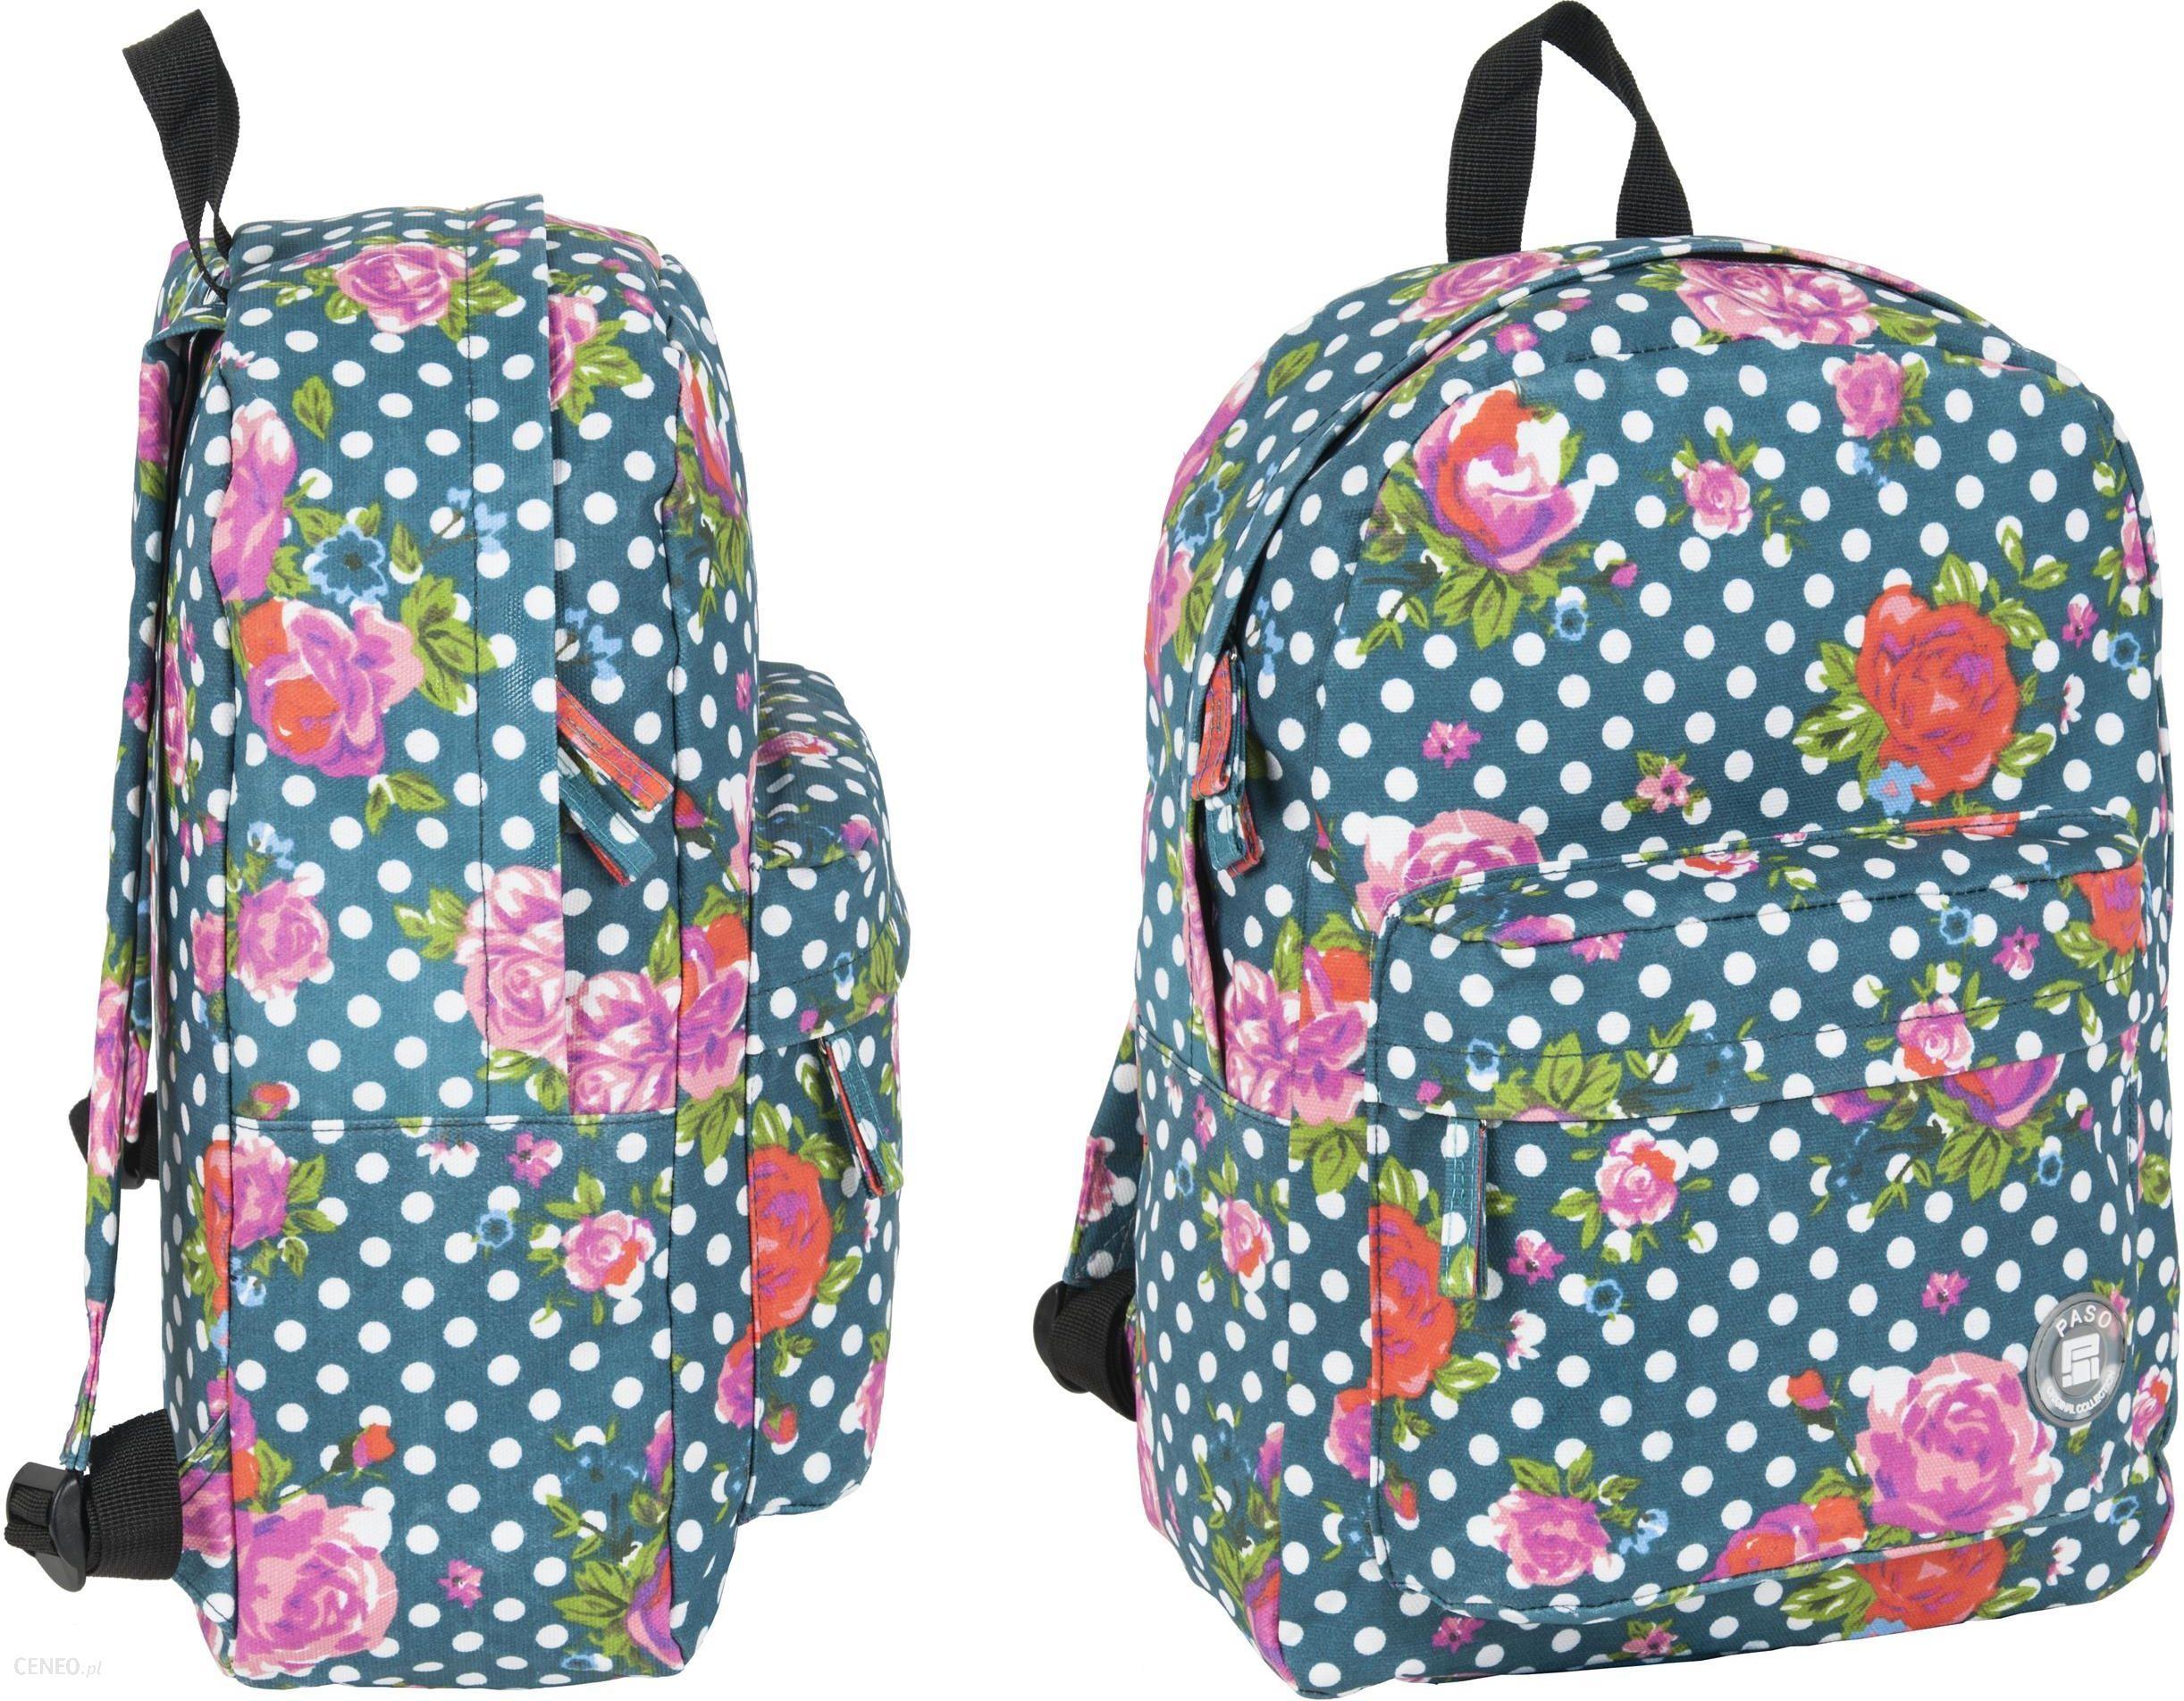 d2702922f189c Paso Plecak Vintage W Kwiaty Róże - Ceny i opinie - Ceneo.pl